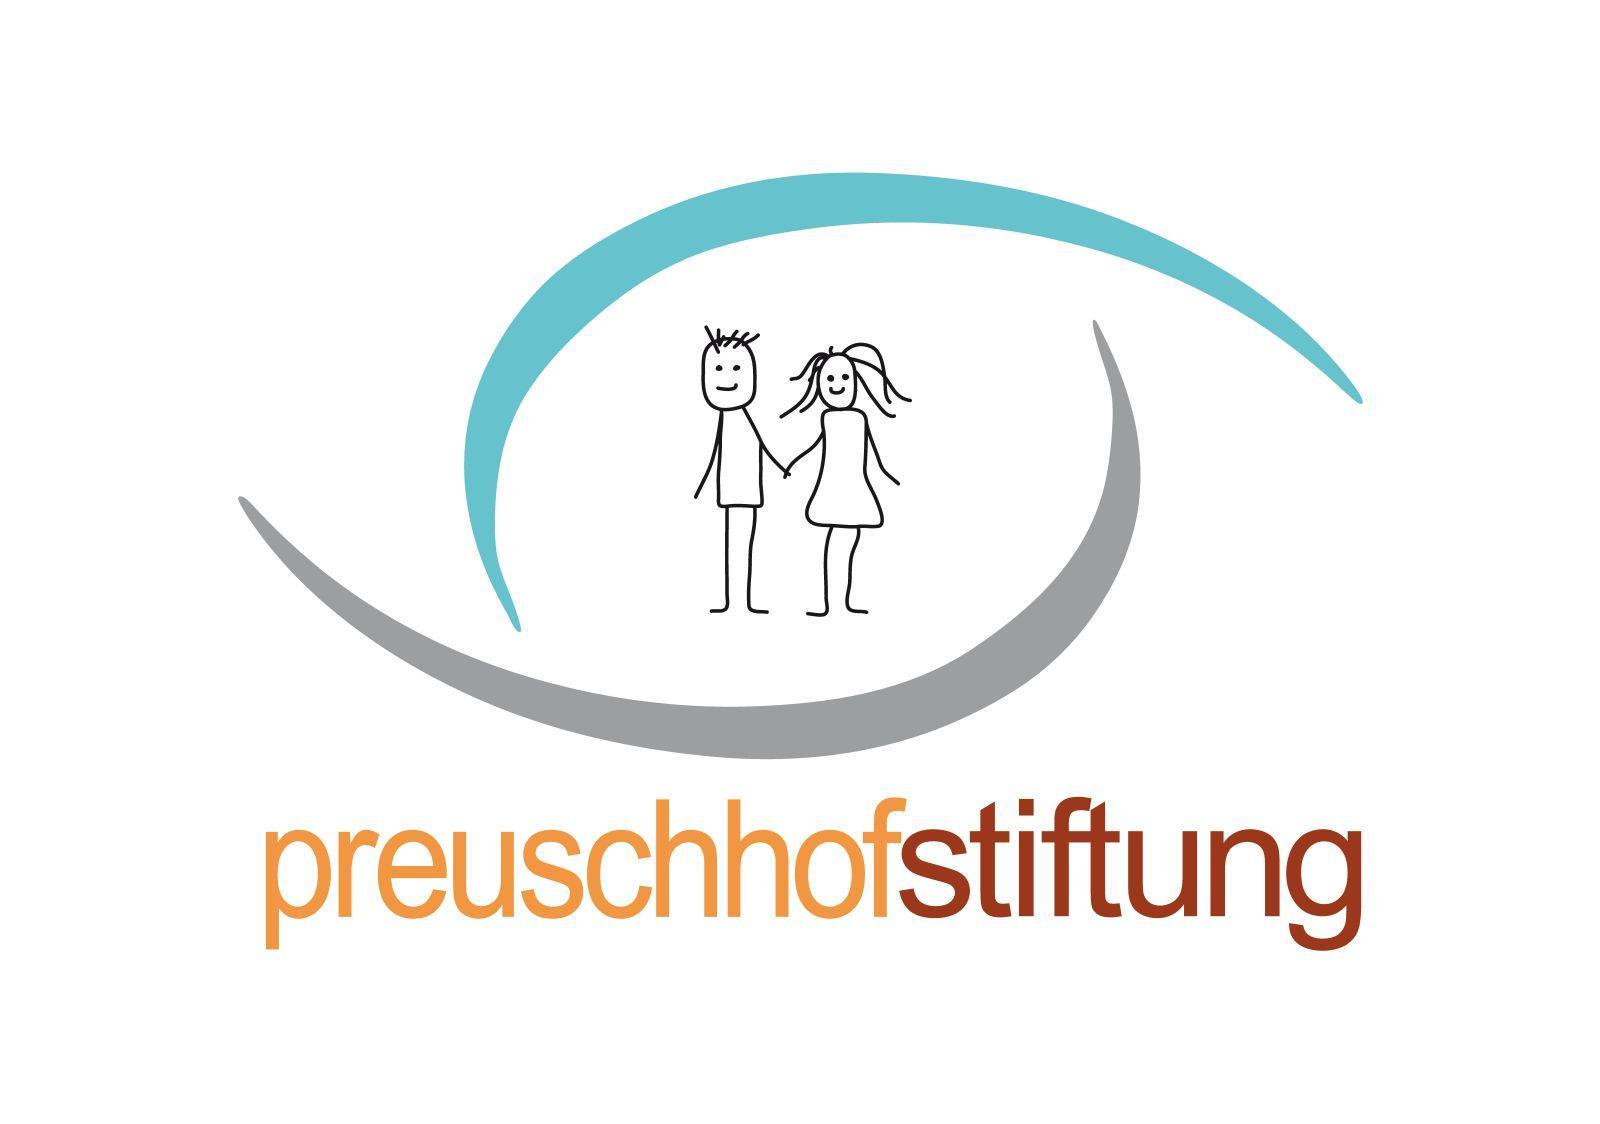 Preuschof Stiftung